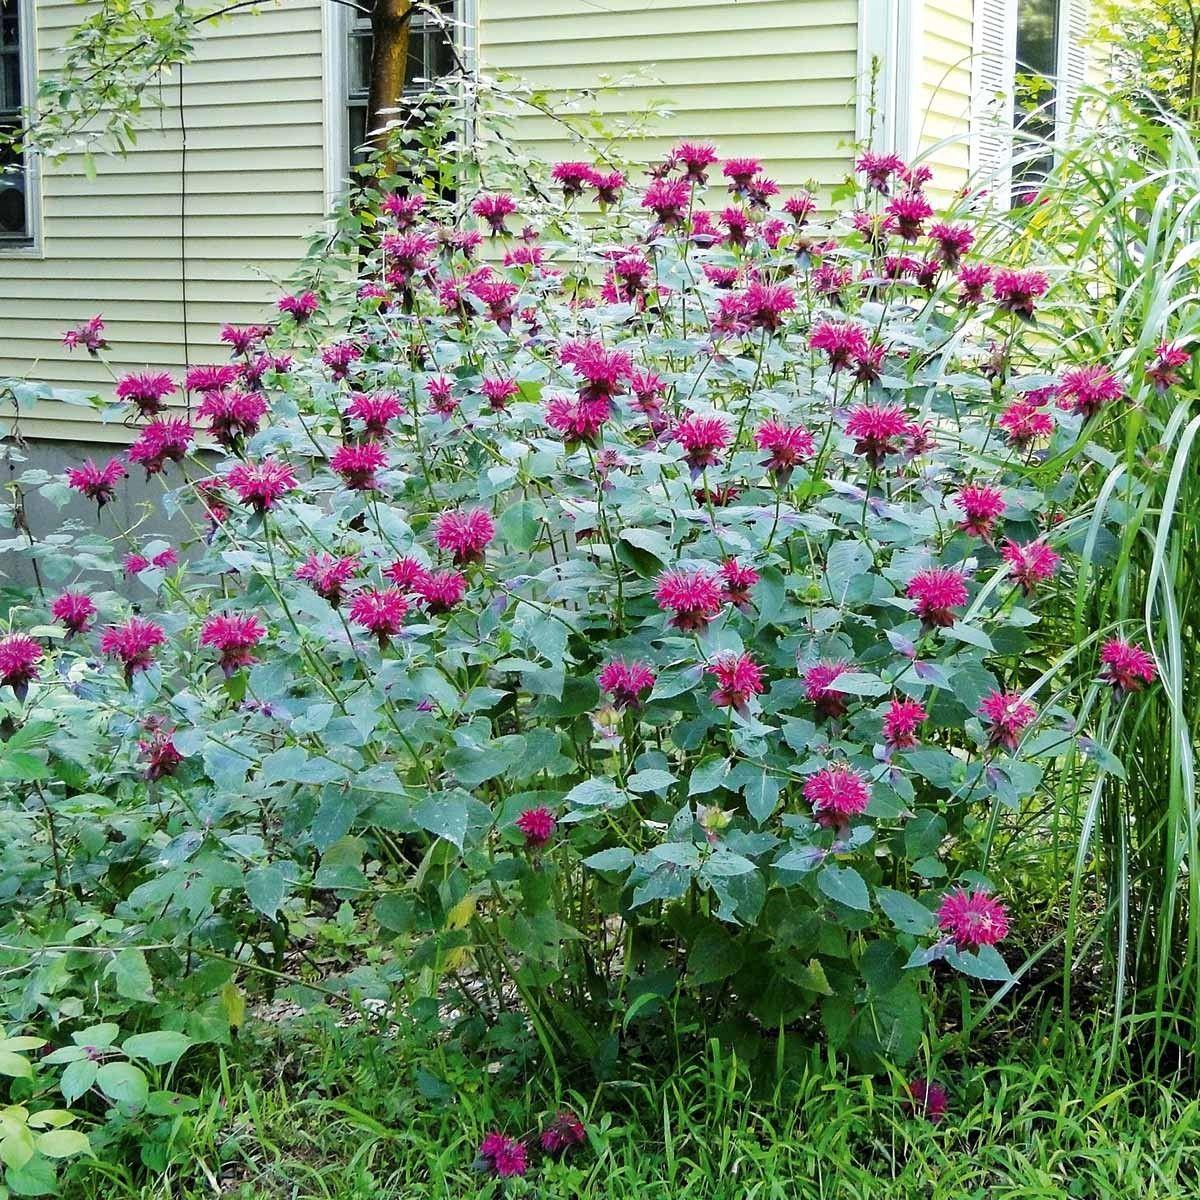 Niedrige Indianernessel Purple Lace 3 Pflanzen Jetzt Bestellen Bei Indianernessel Pflanzen Pflanzen Online Kaufen